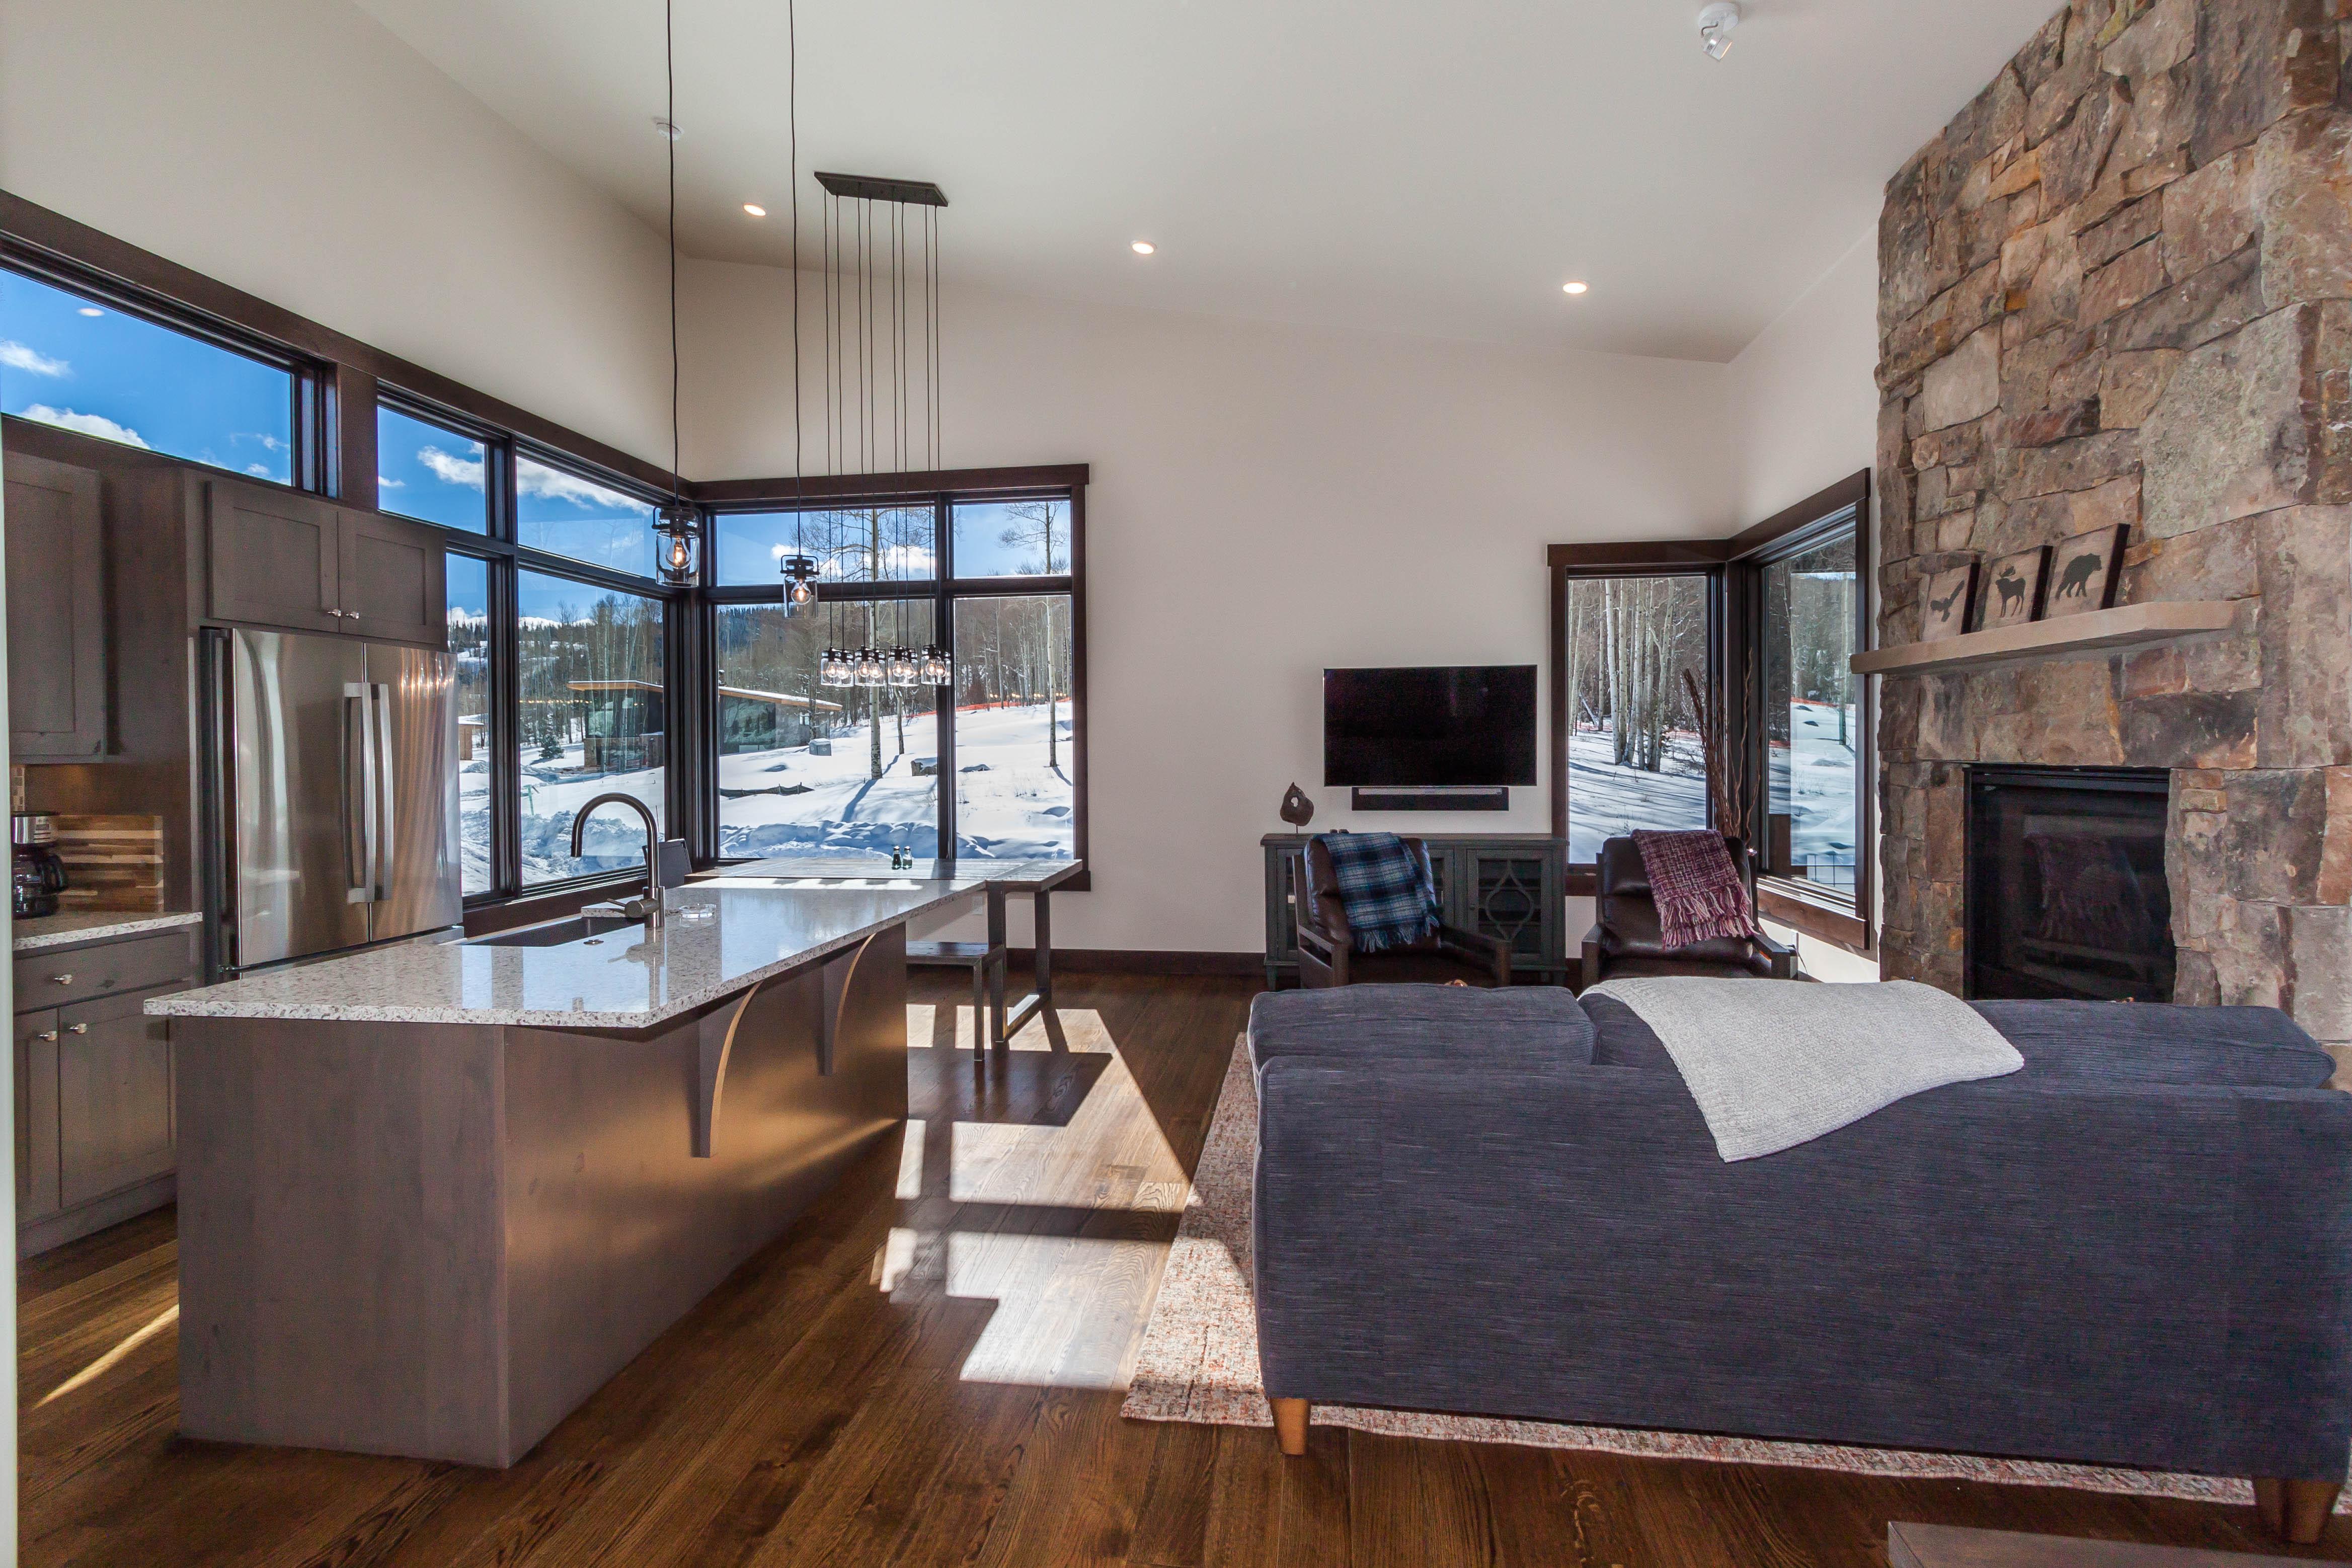 Keystone colorado vacation rentals summit county for Keystone colorado cabin rentals